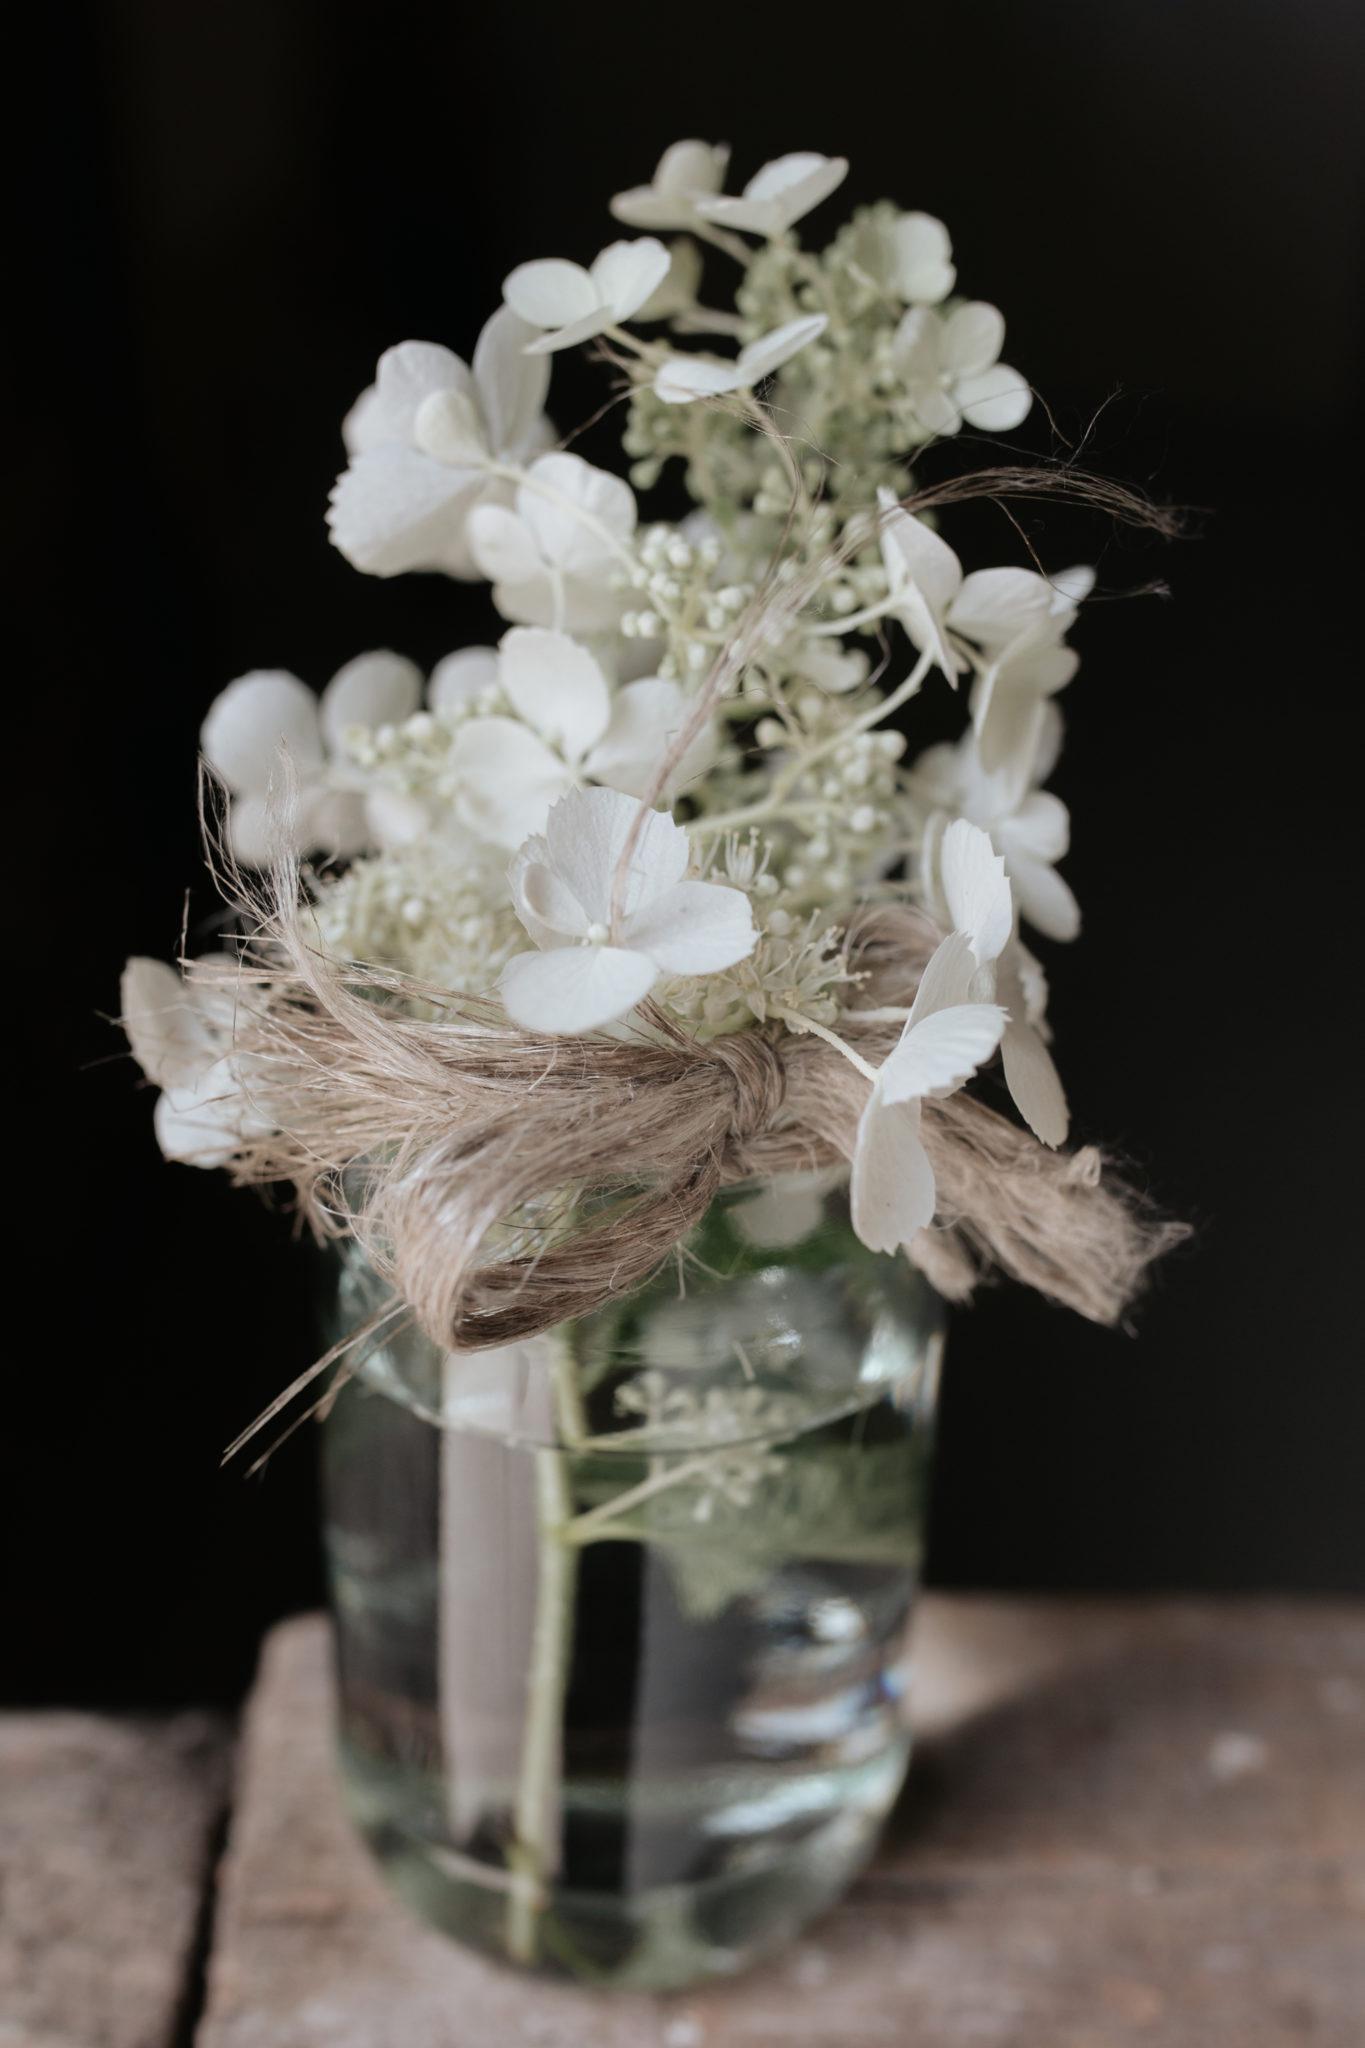 Bouquet centre de table fleurs blanches Manoir Ango Varengeville sur Mer